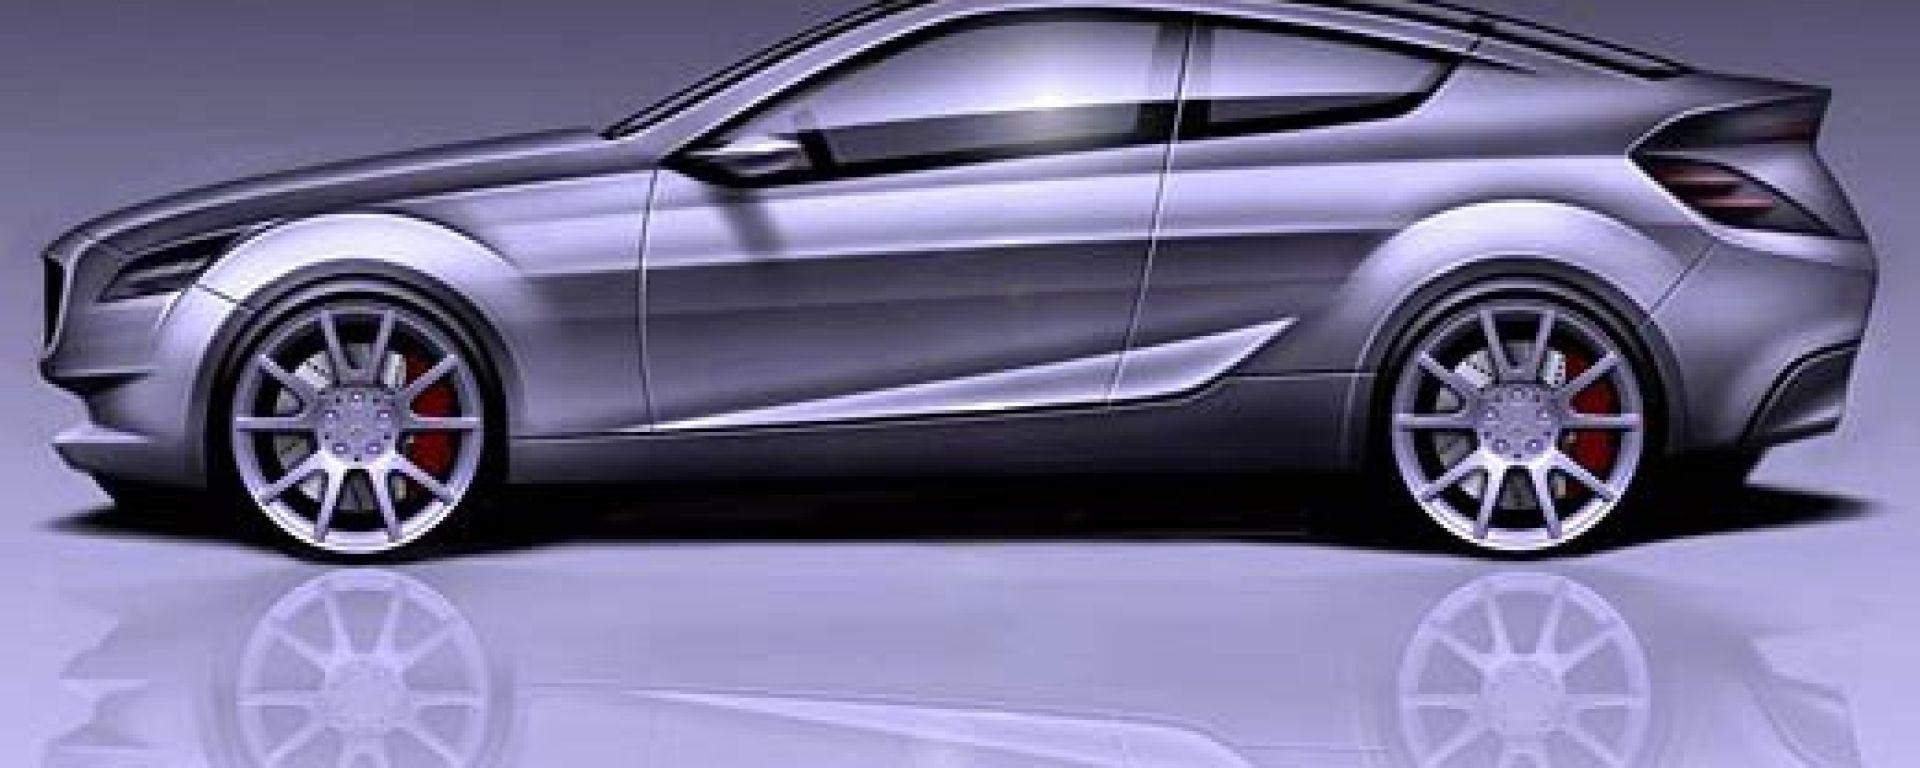 Mercedes CLC, come avrebbe potuto essere